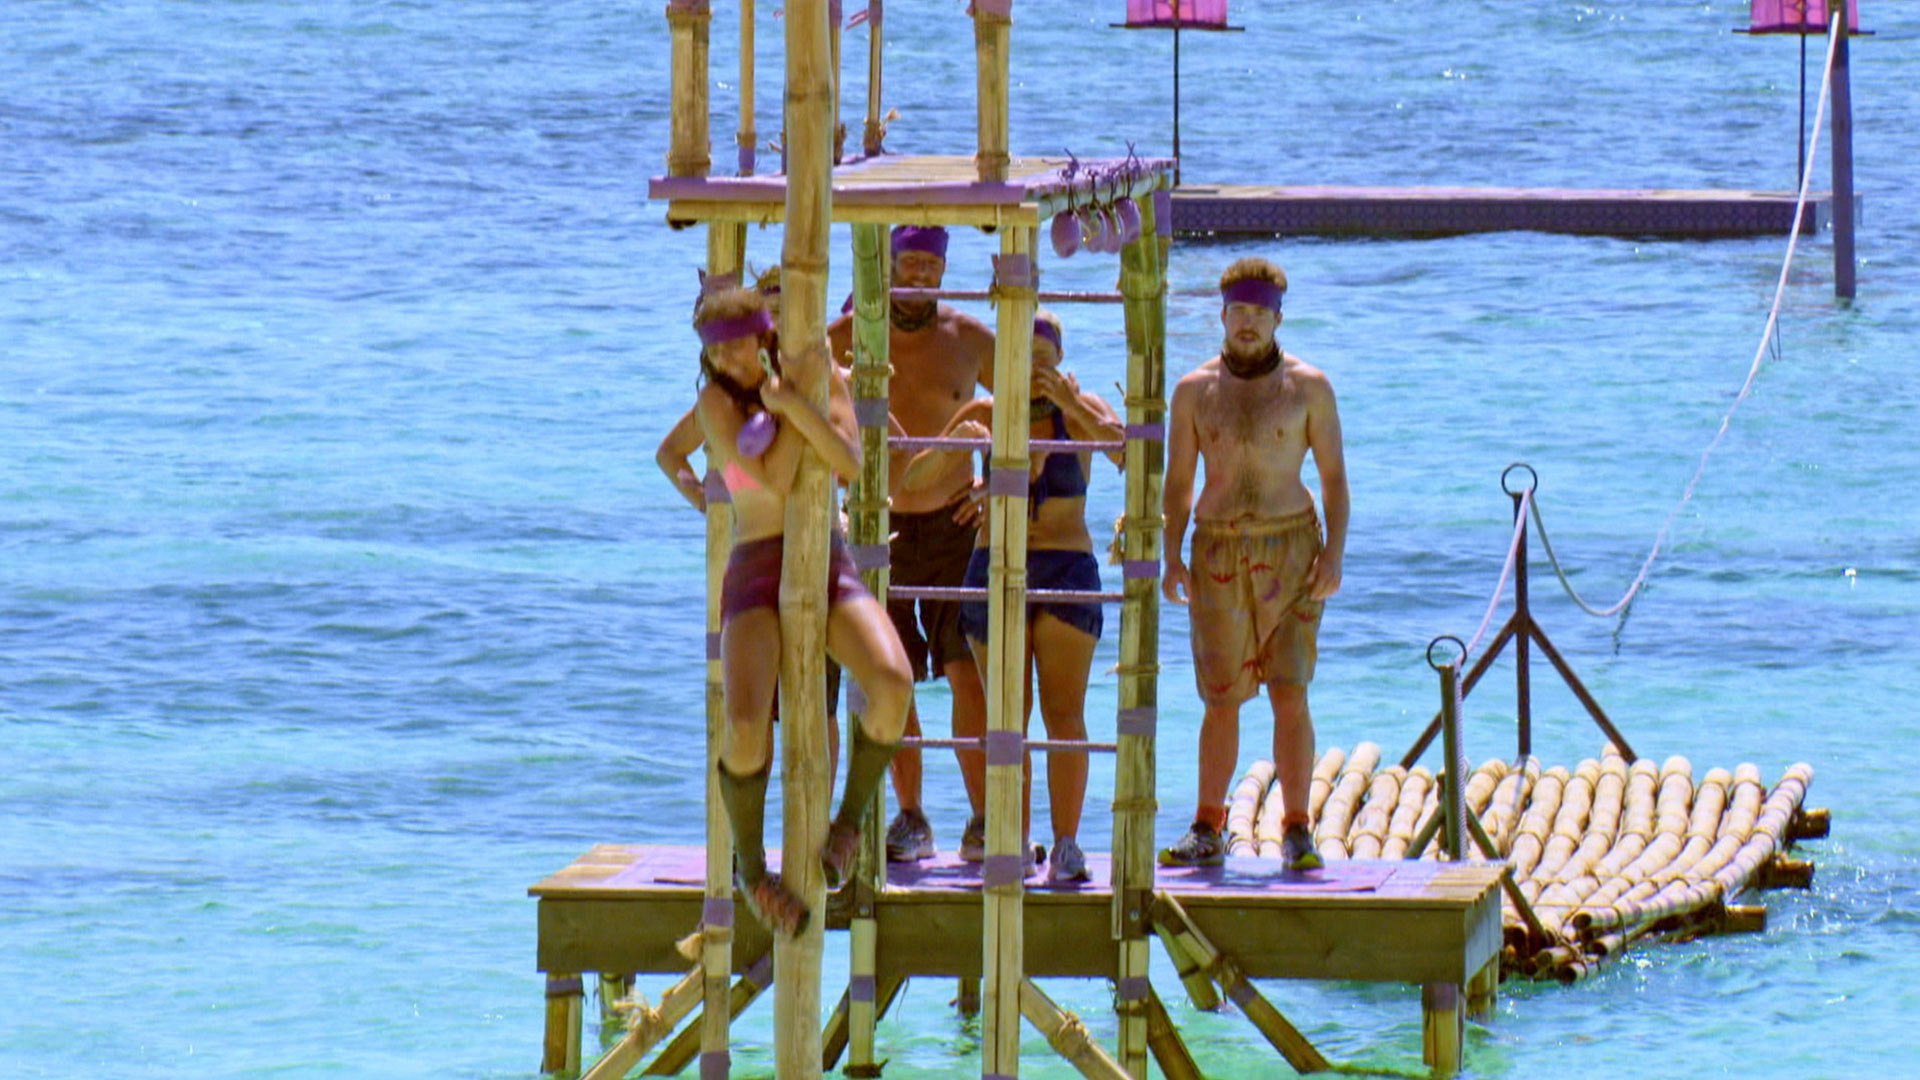 Hannah takes a trip down the pole.